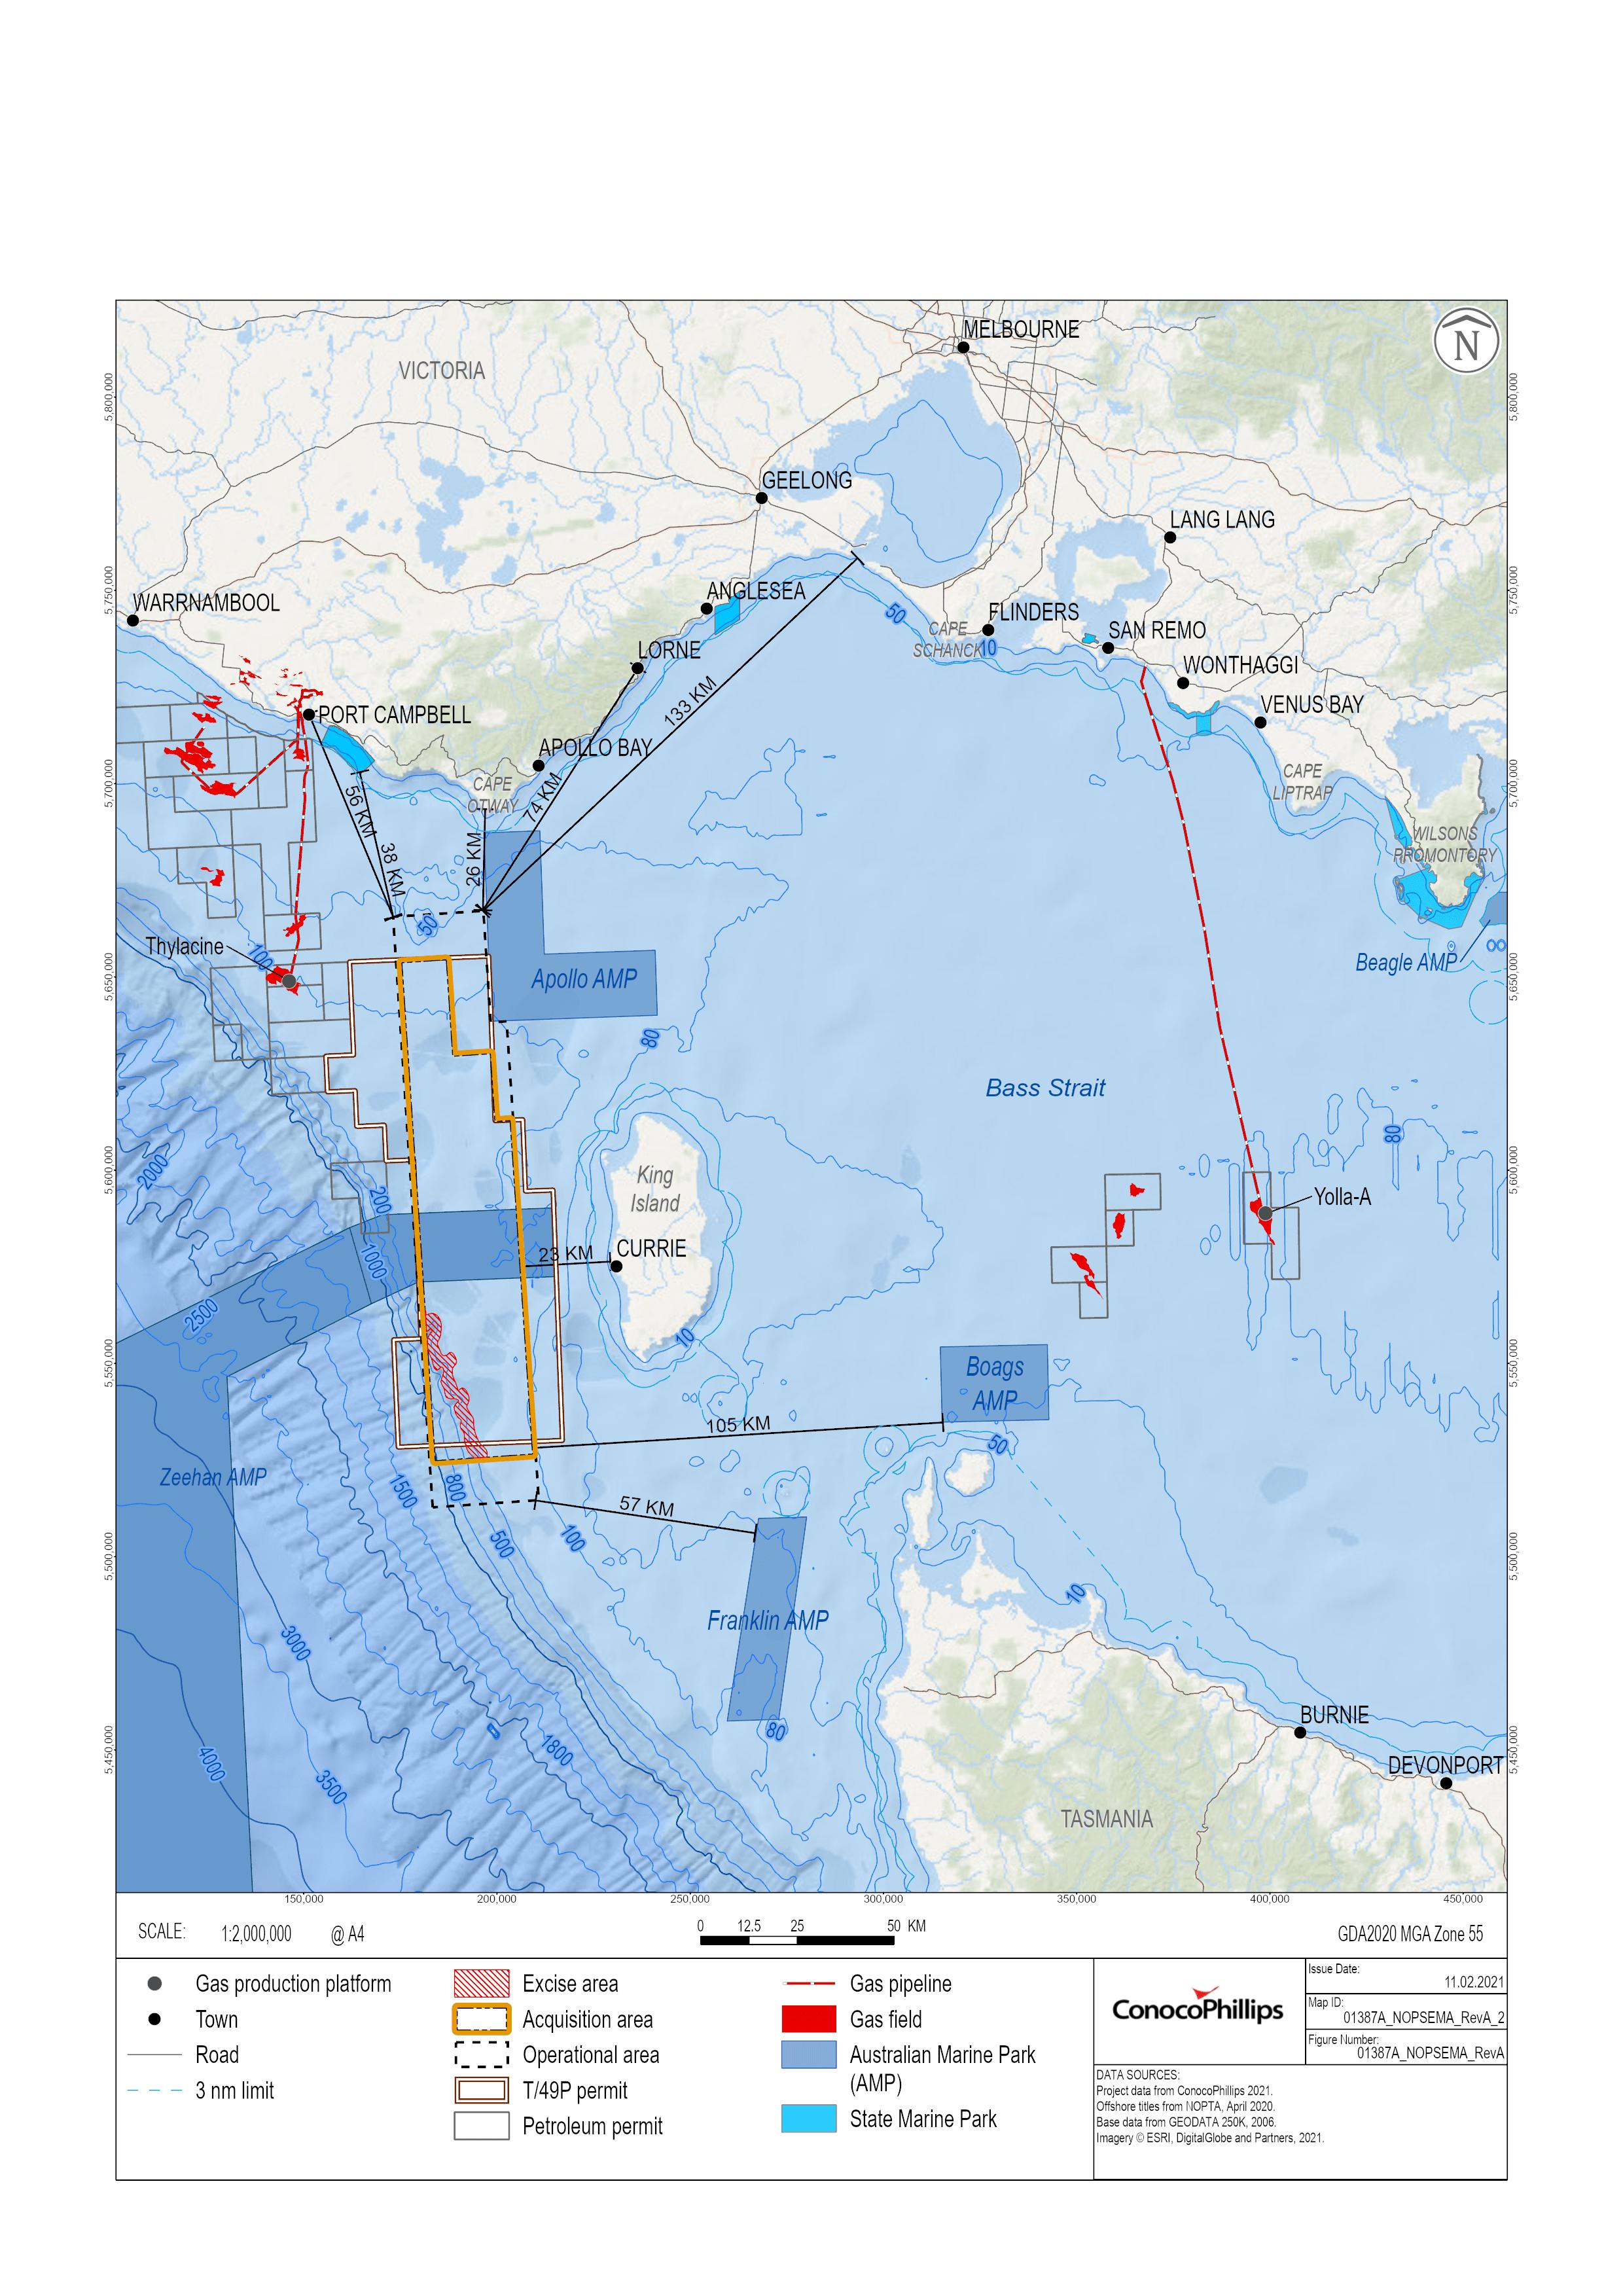 Location map - Activity: Sequoia 3D Marine Seismic Survey  (refer to description)